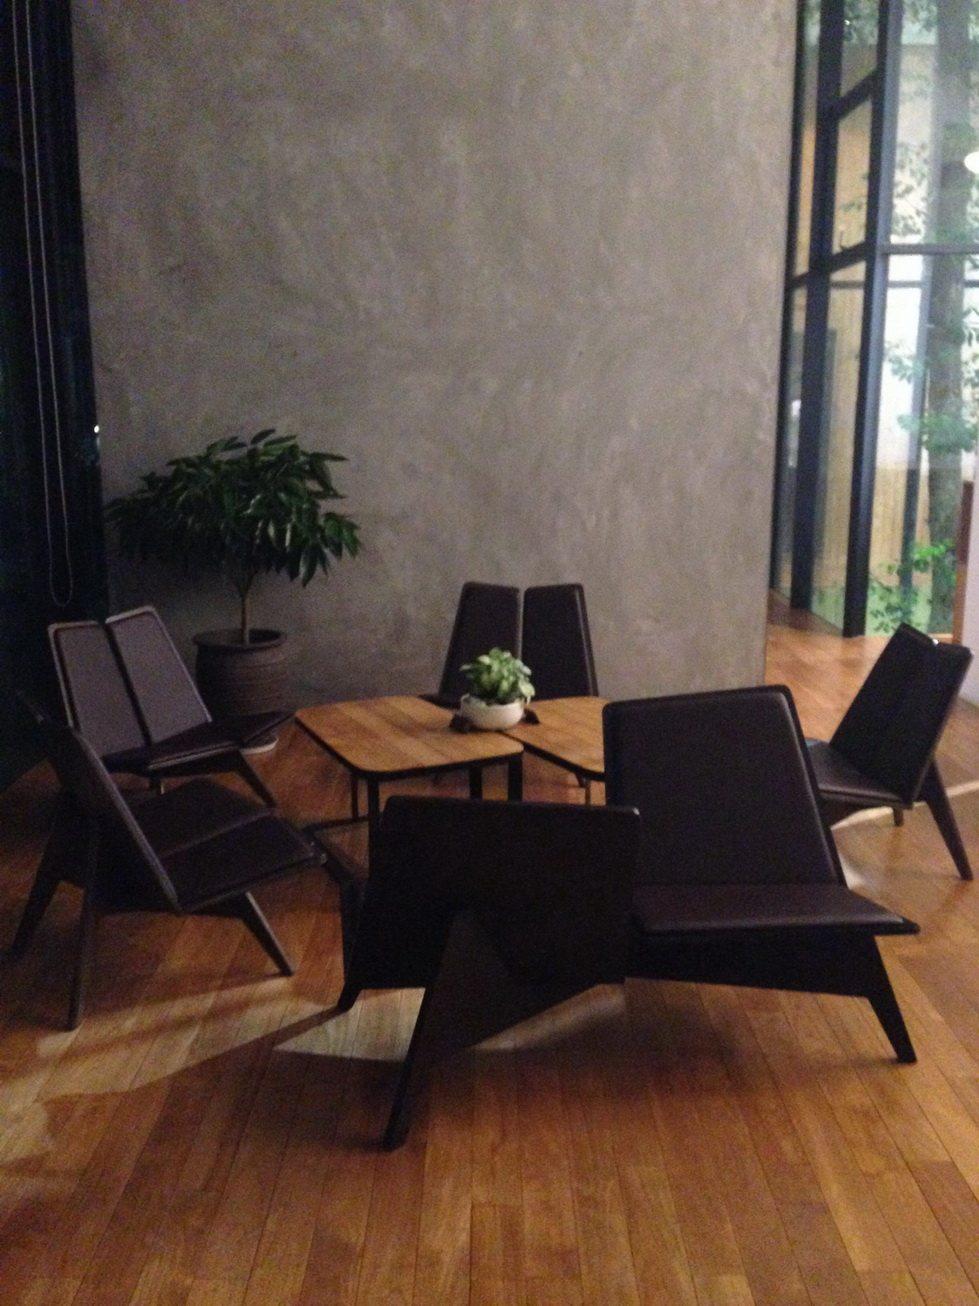 厦门乐雅无垠酒店Hotel Wind自拍 分享_IMG_2610.JPG